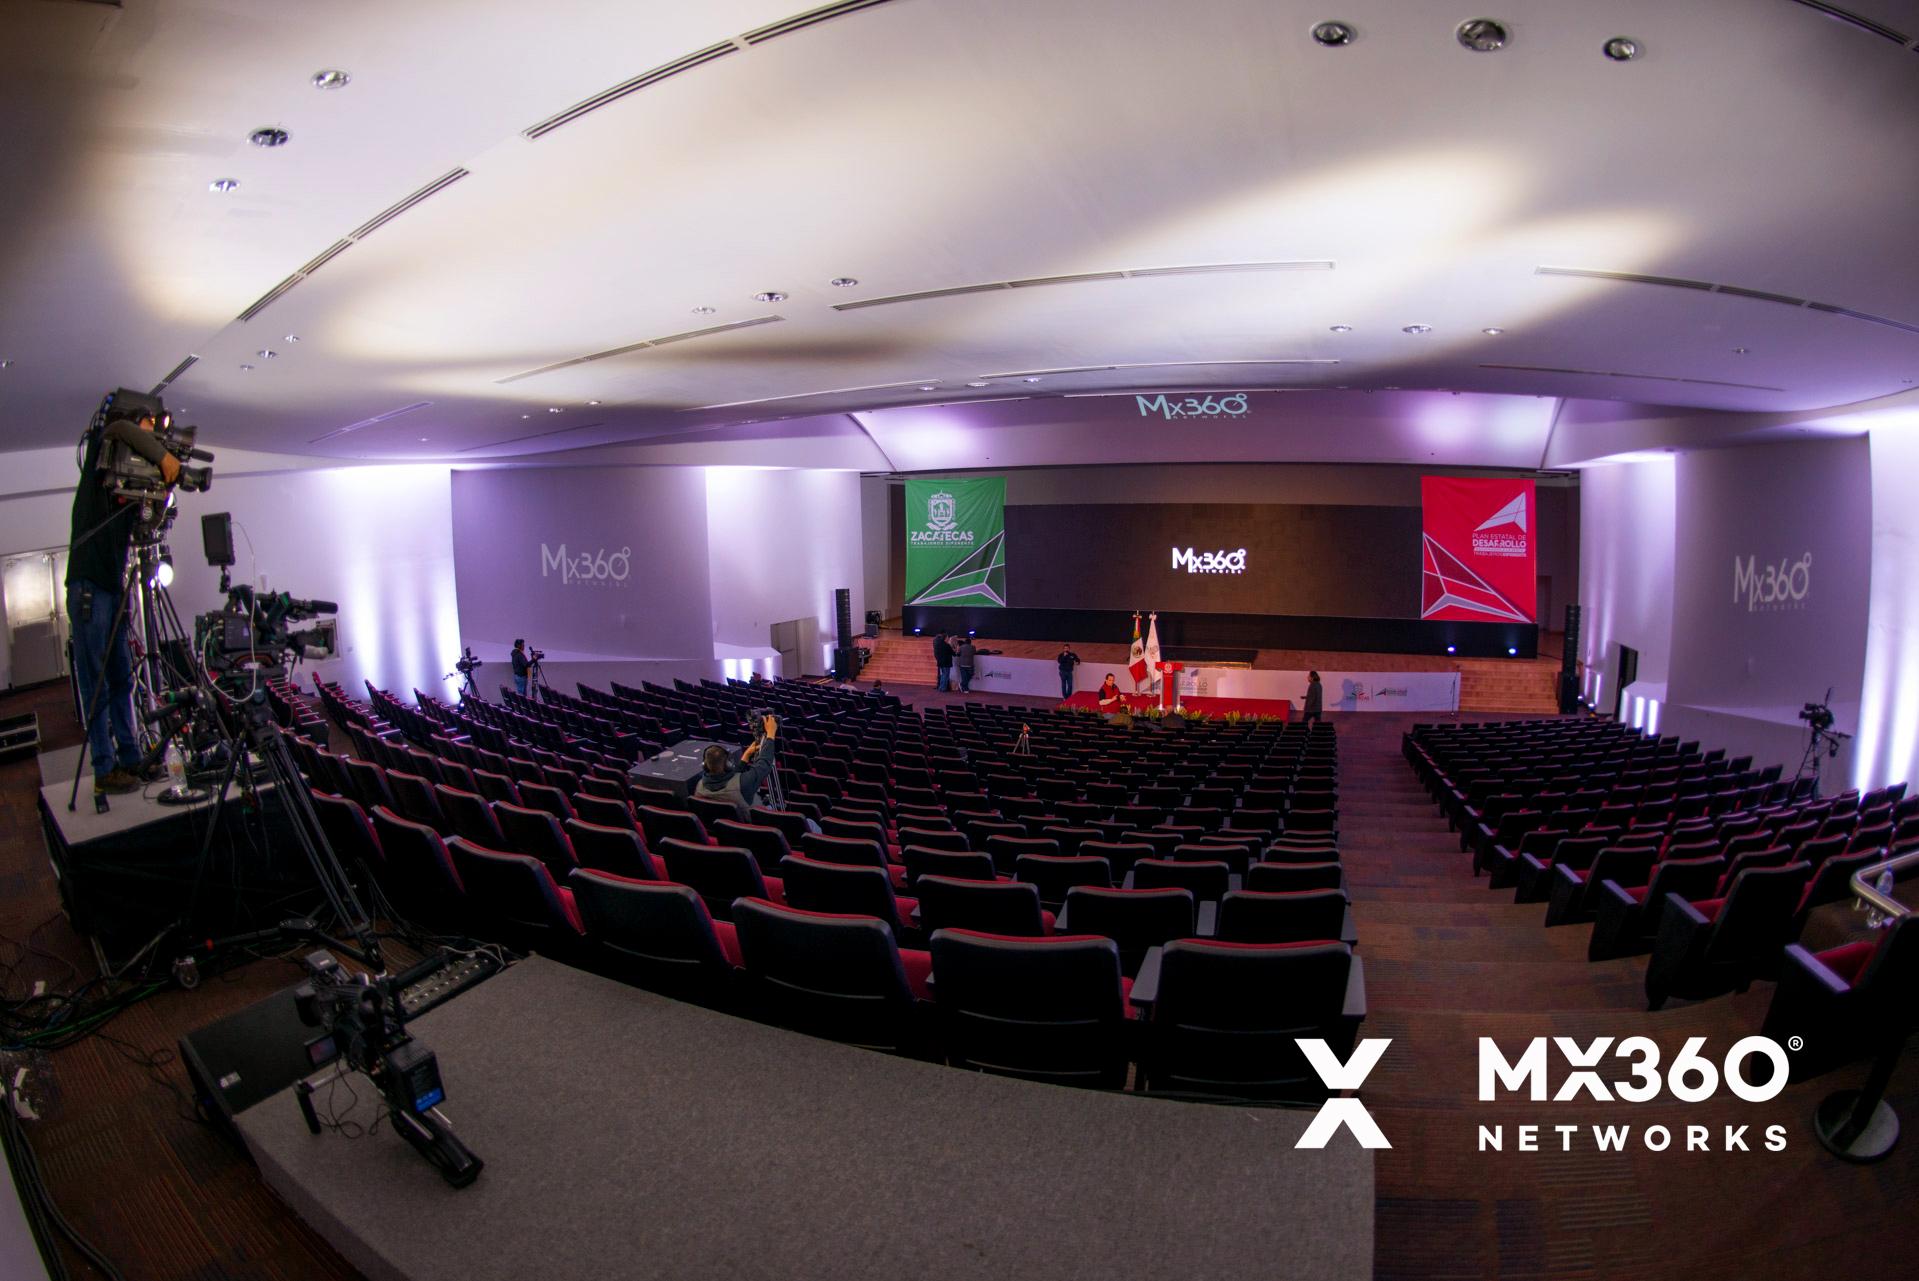 Circuito cerrado, Renta de panatallas de led, animación 2d y 3d, diseño de escenario, renta de audio, video e iluminación. eventos corporativos, organización de eventos empresariales en monterrey.